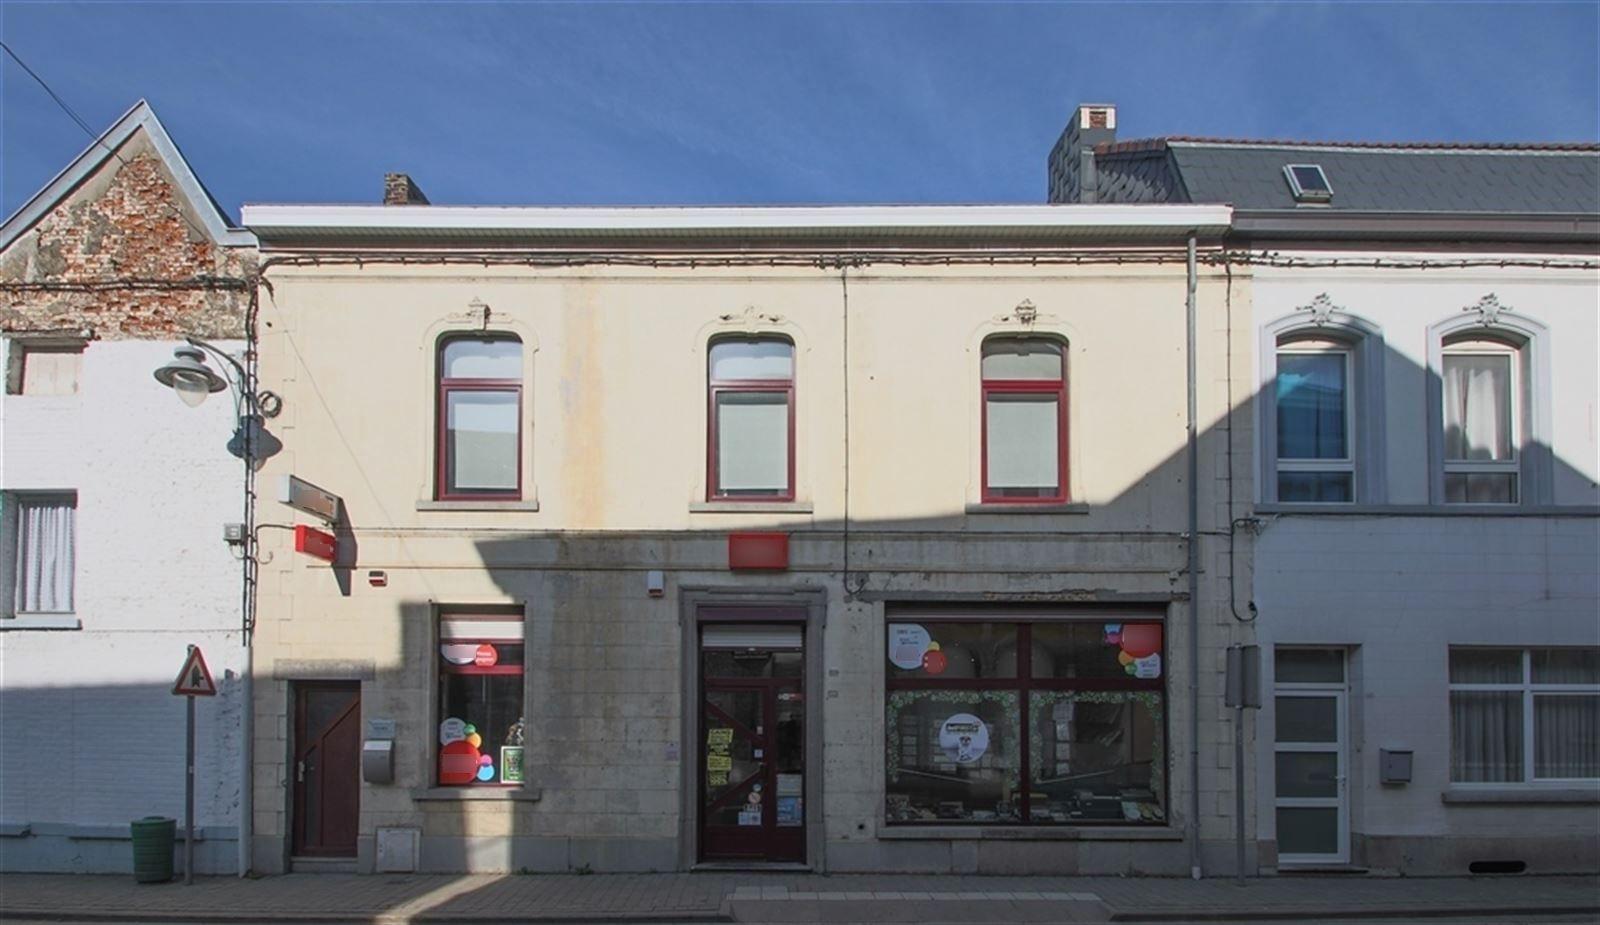 Vente Immeuble avec librairie / tabac + logement avec jardin à Estinnes-au-Mont en Belgique